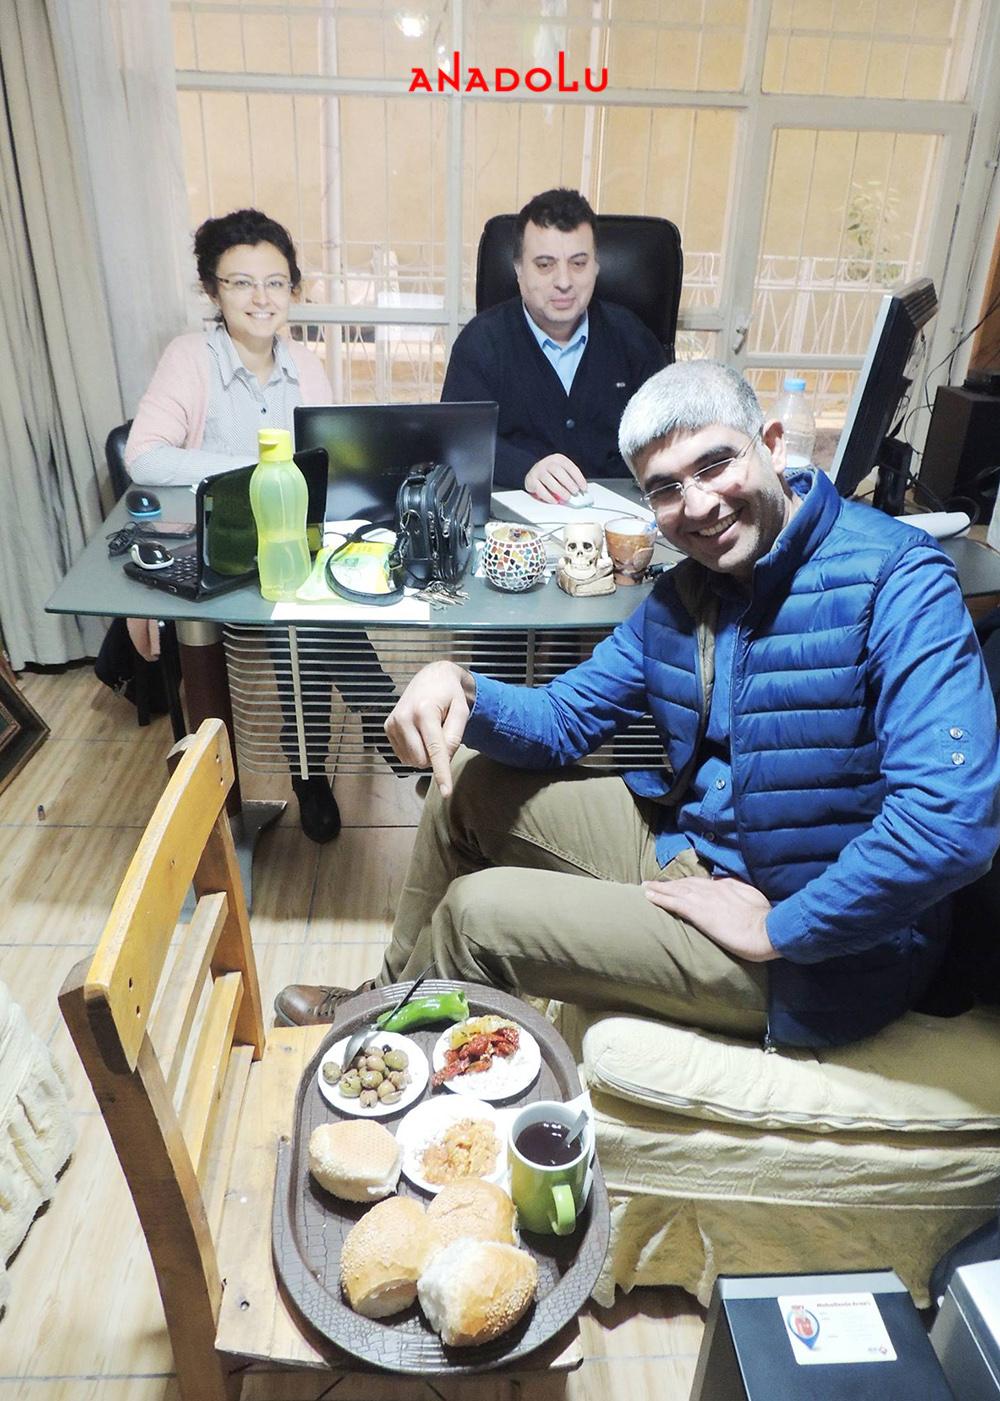 Ankarada sanat eğitim dersleri